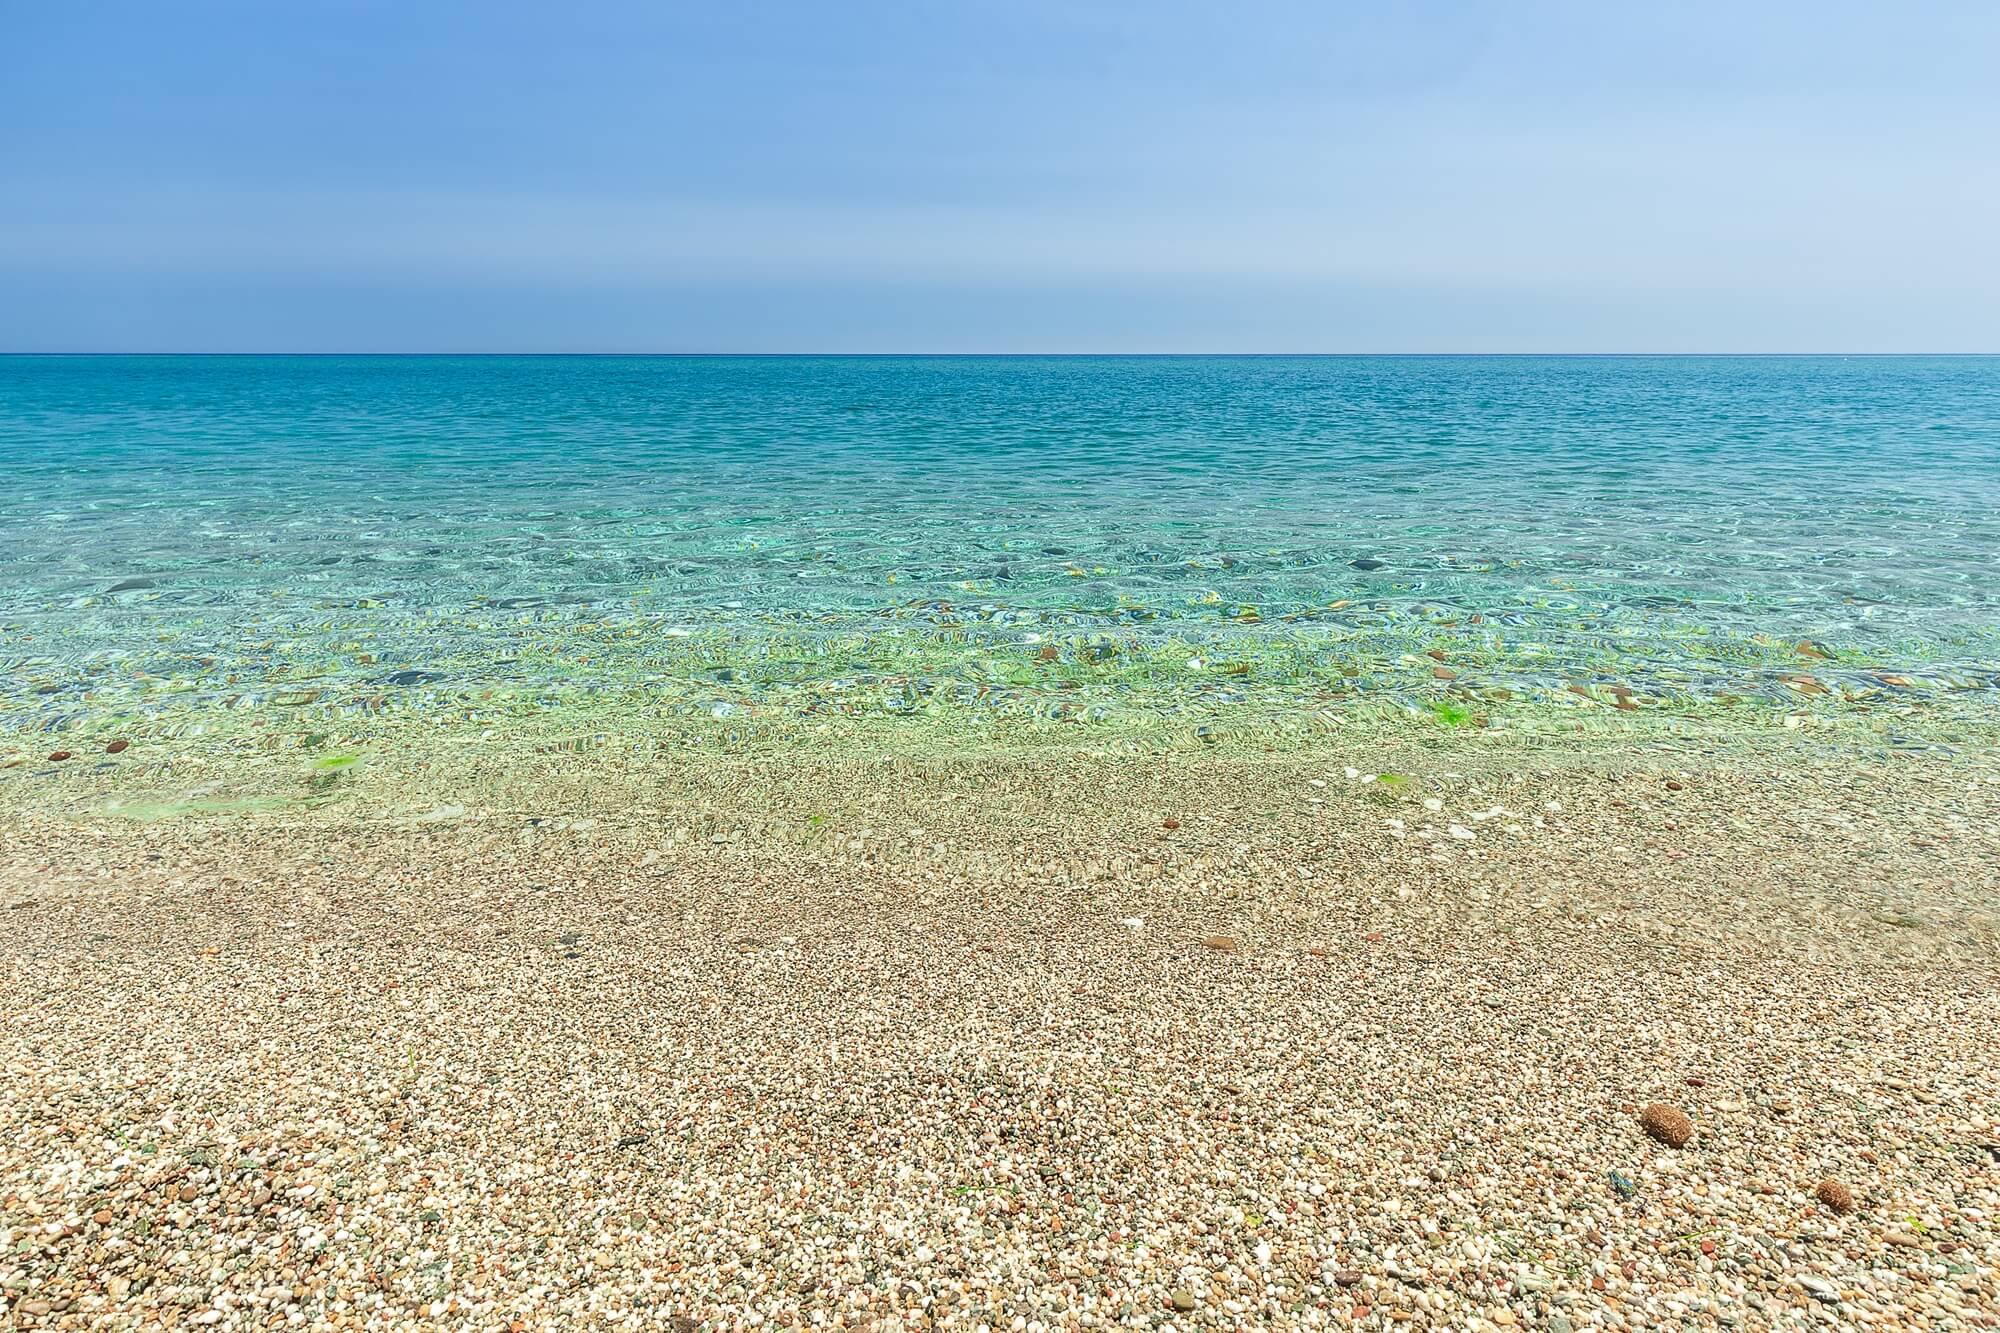 spiaggia_hotel_corte_bianca_cardedu_001